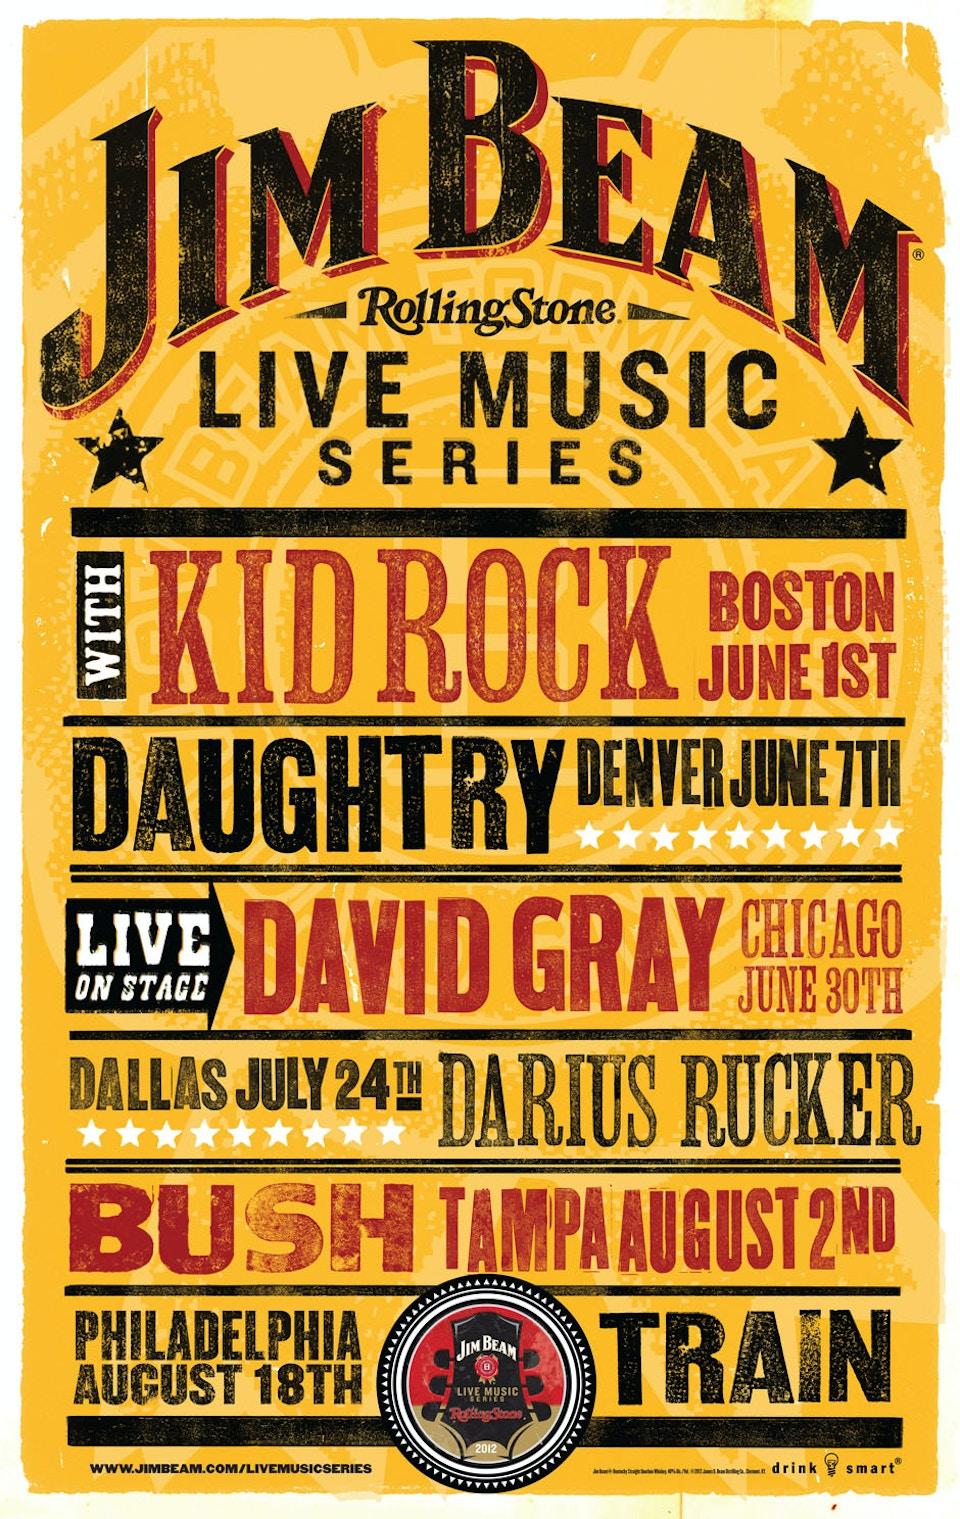 Jim Beam Concert Series Poster